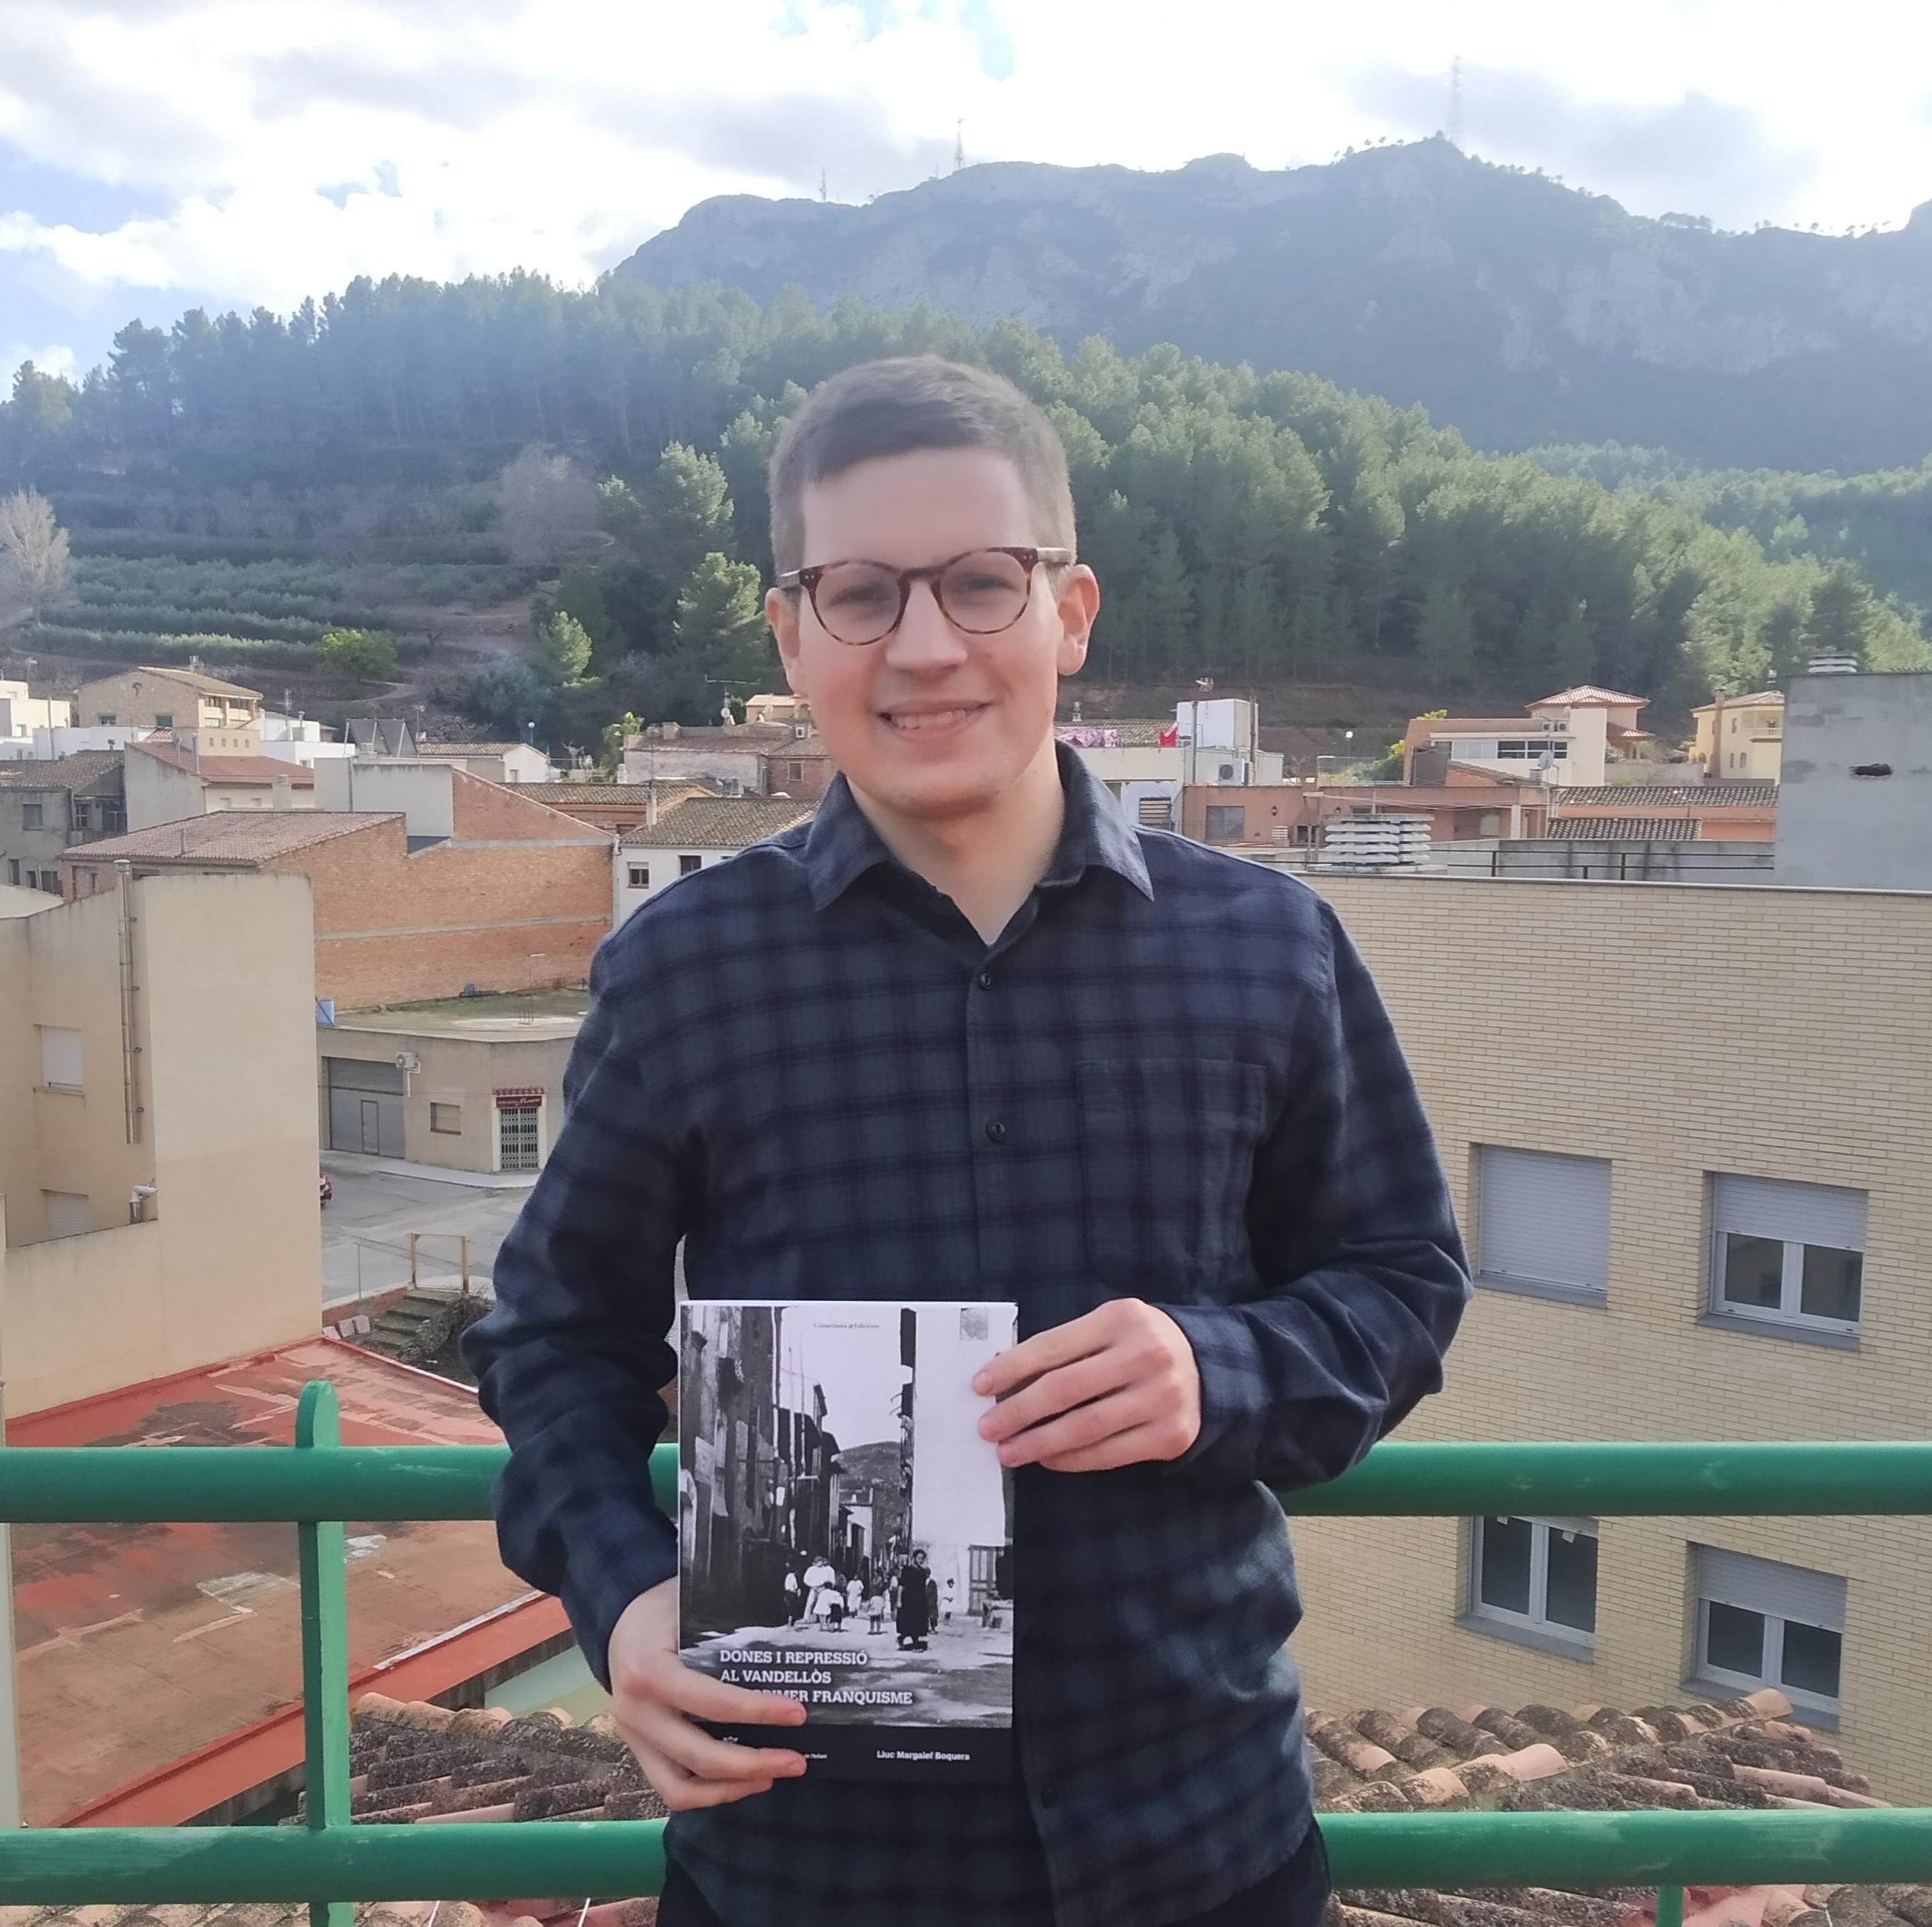 L'Ajuntament i Cossetània Edicions publiquen un llibre sobre les dones i la repressió a Vandellòs durant el primer franquisme